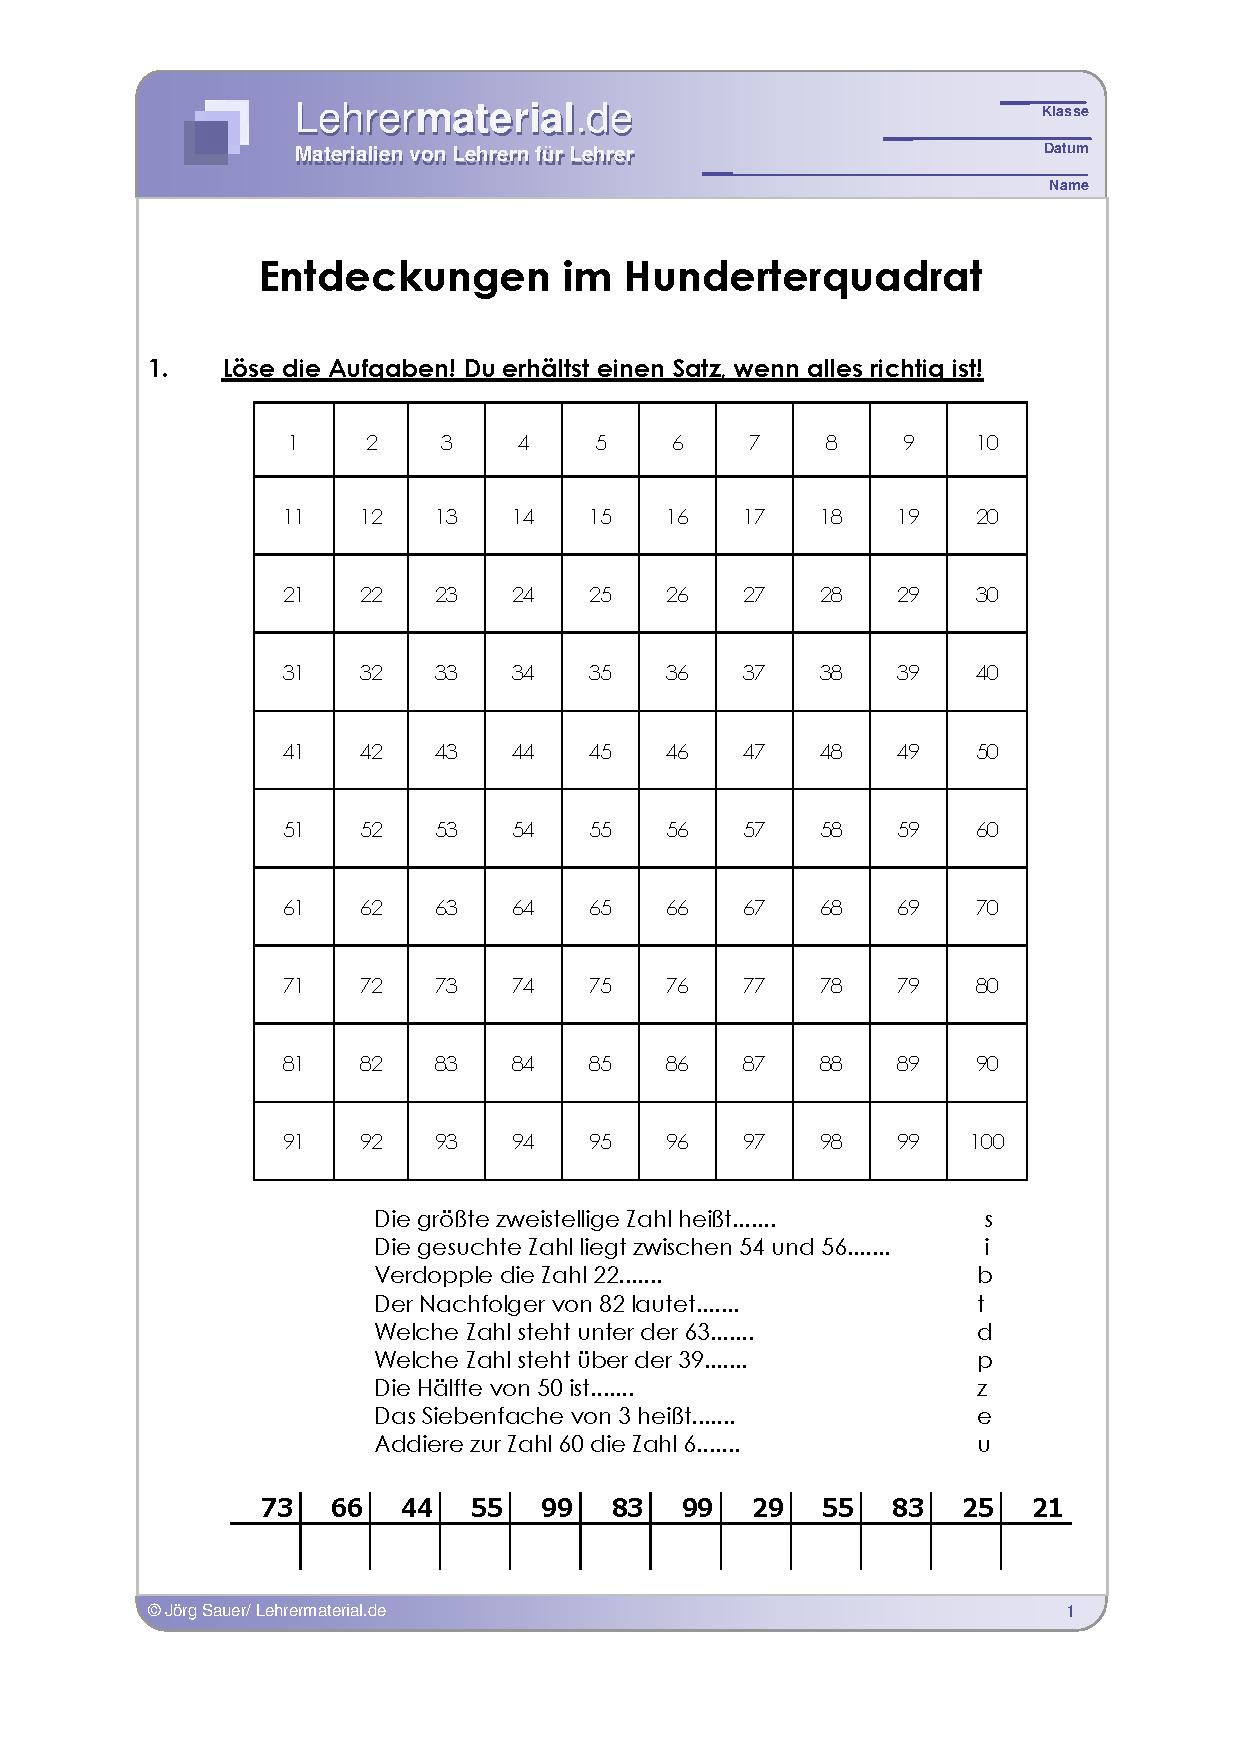 Vorschaugrafik 1 für das  Arbeitsblatt Entdeckungen im Hunderterquadrat von Lehrermaterial.de.